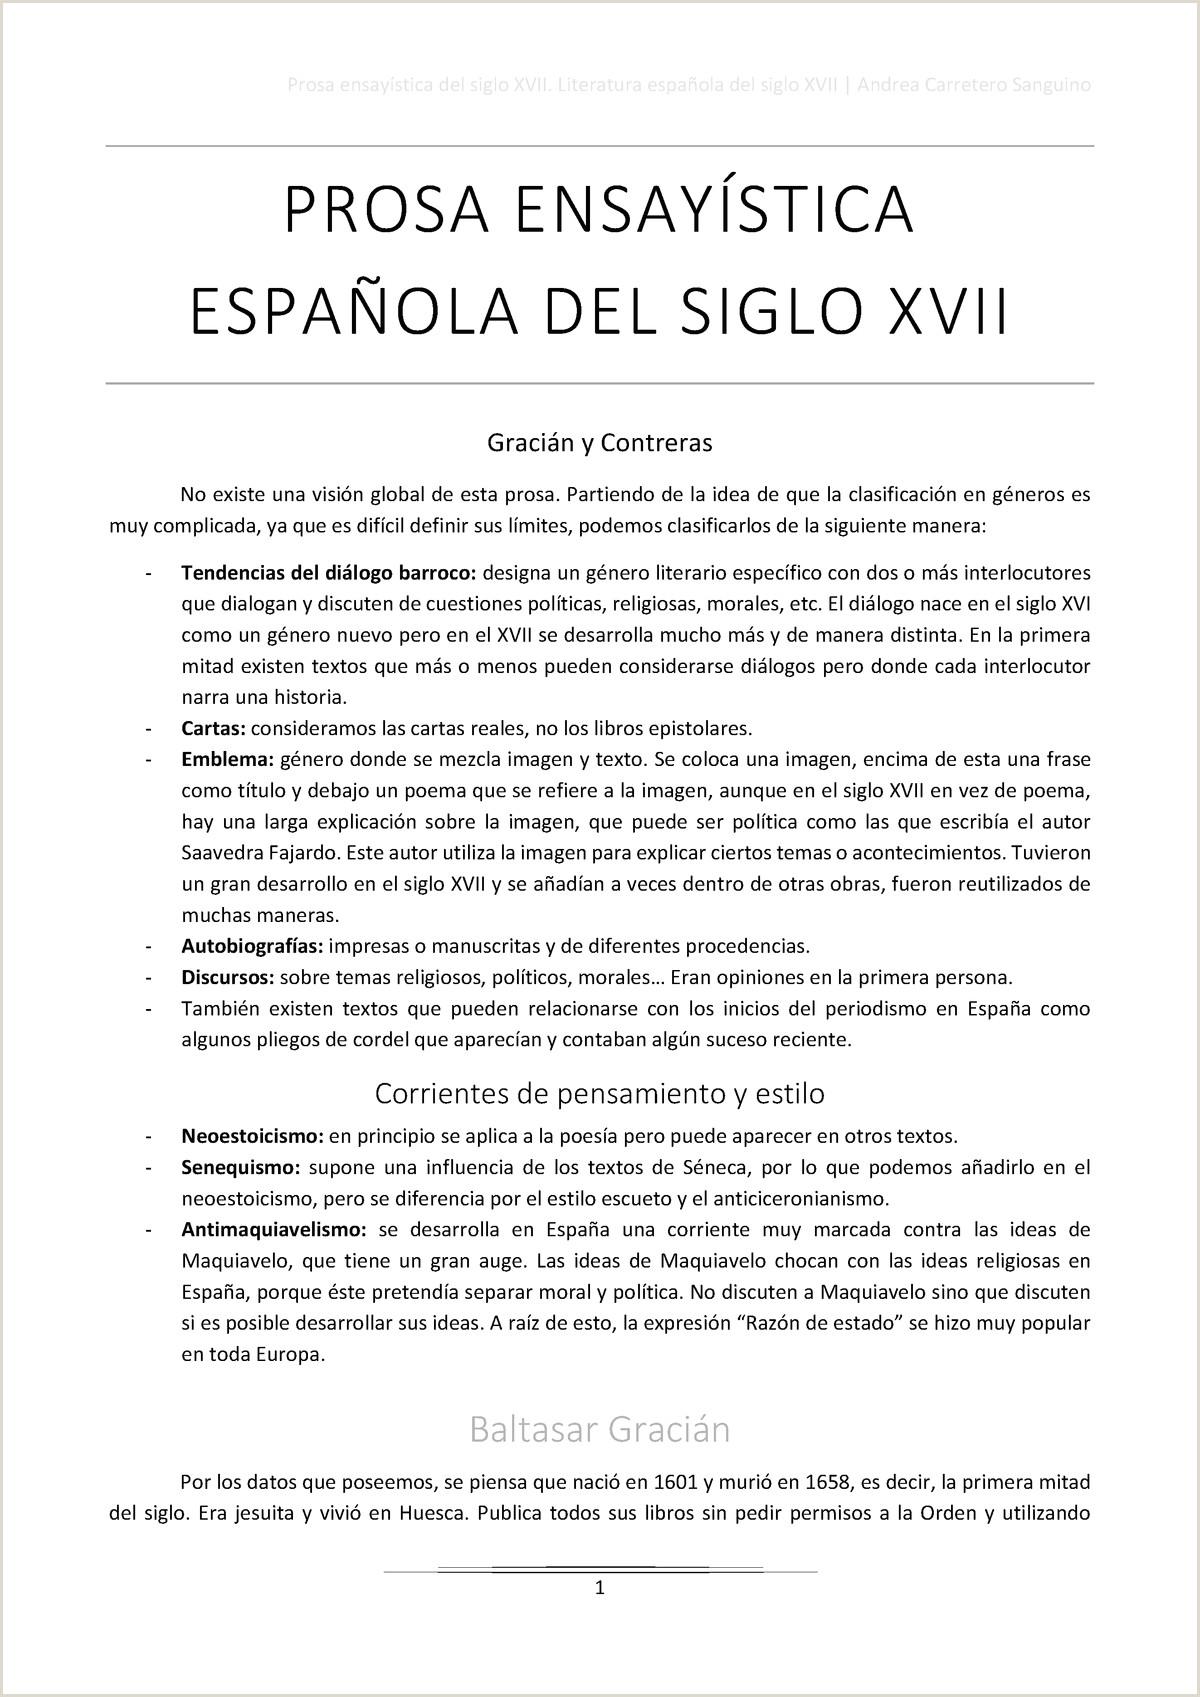 Como Hago Una Hoja De Vida Minerva Prosa Ensaystica Del Siglo Xvii Gracián Y Contreras Studocu